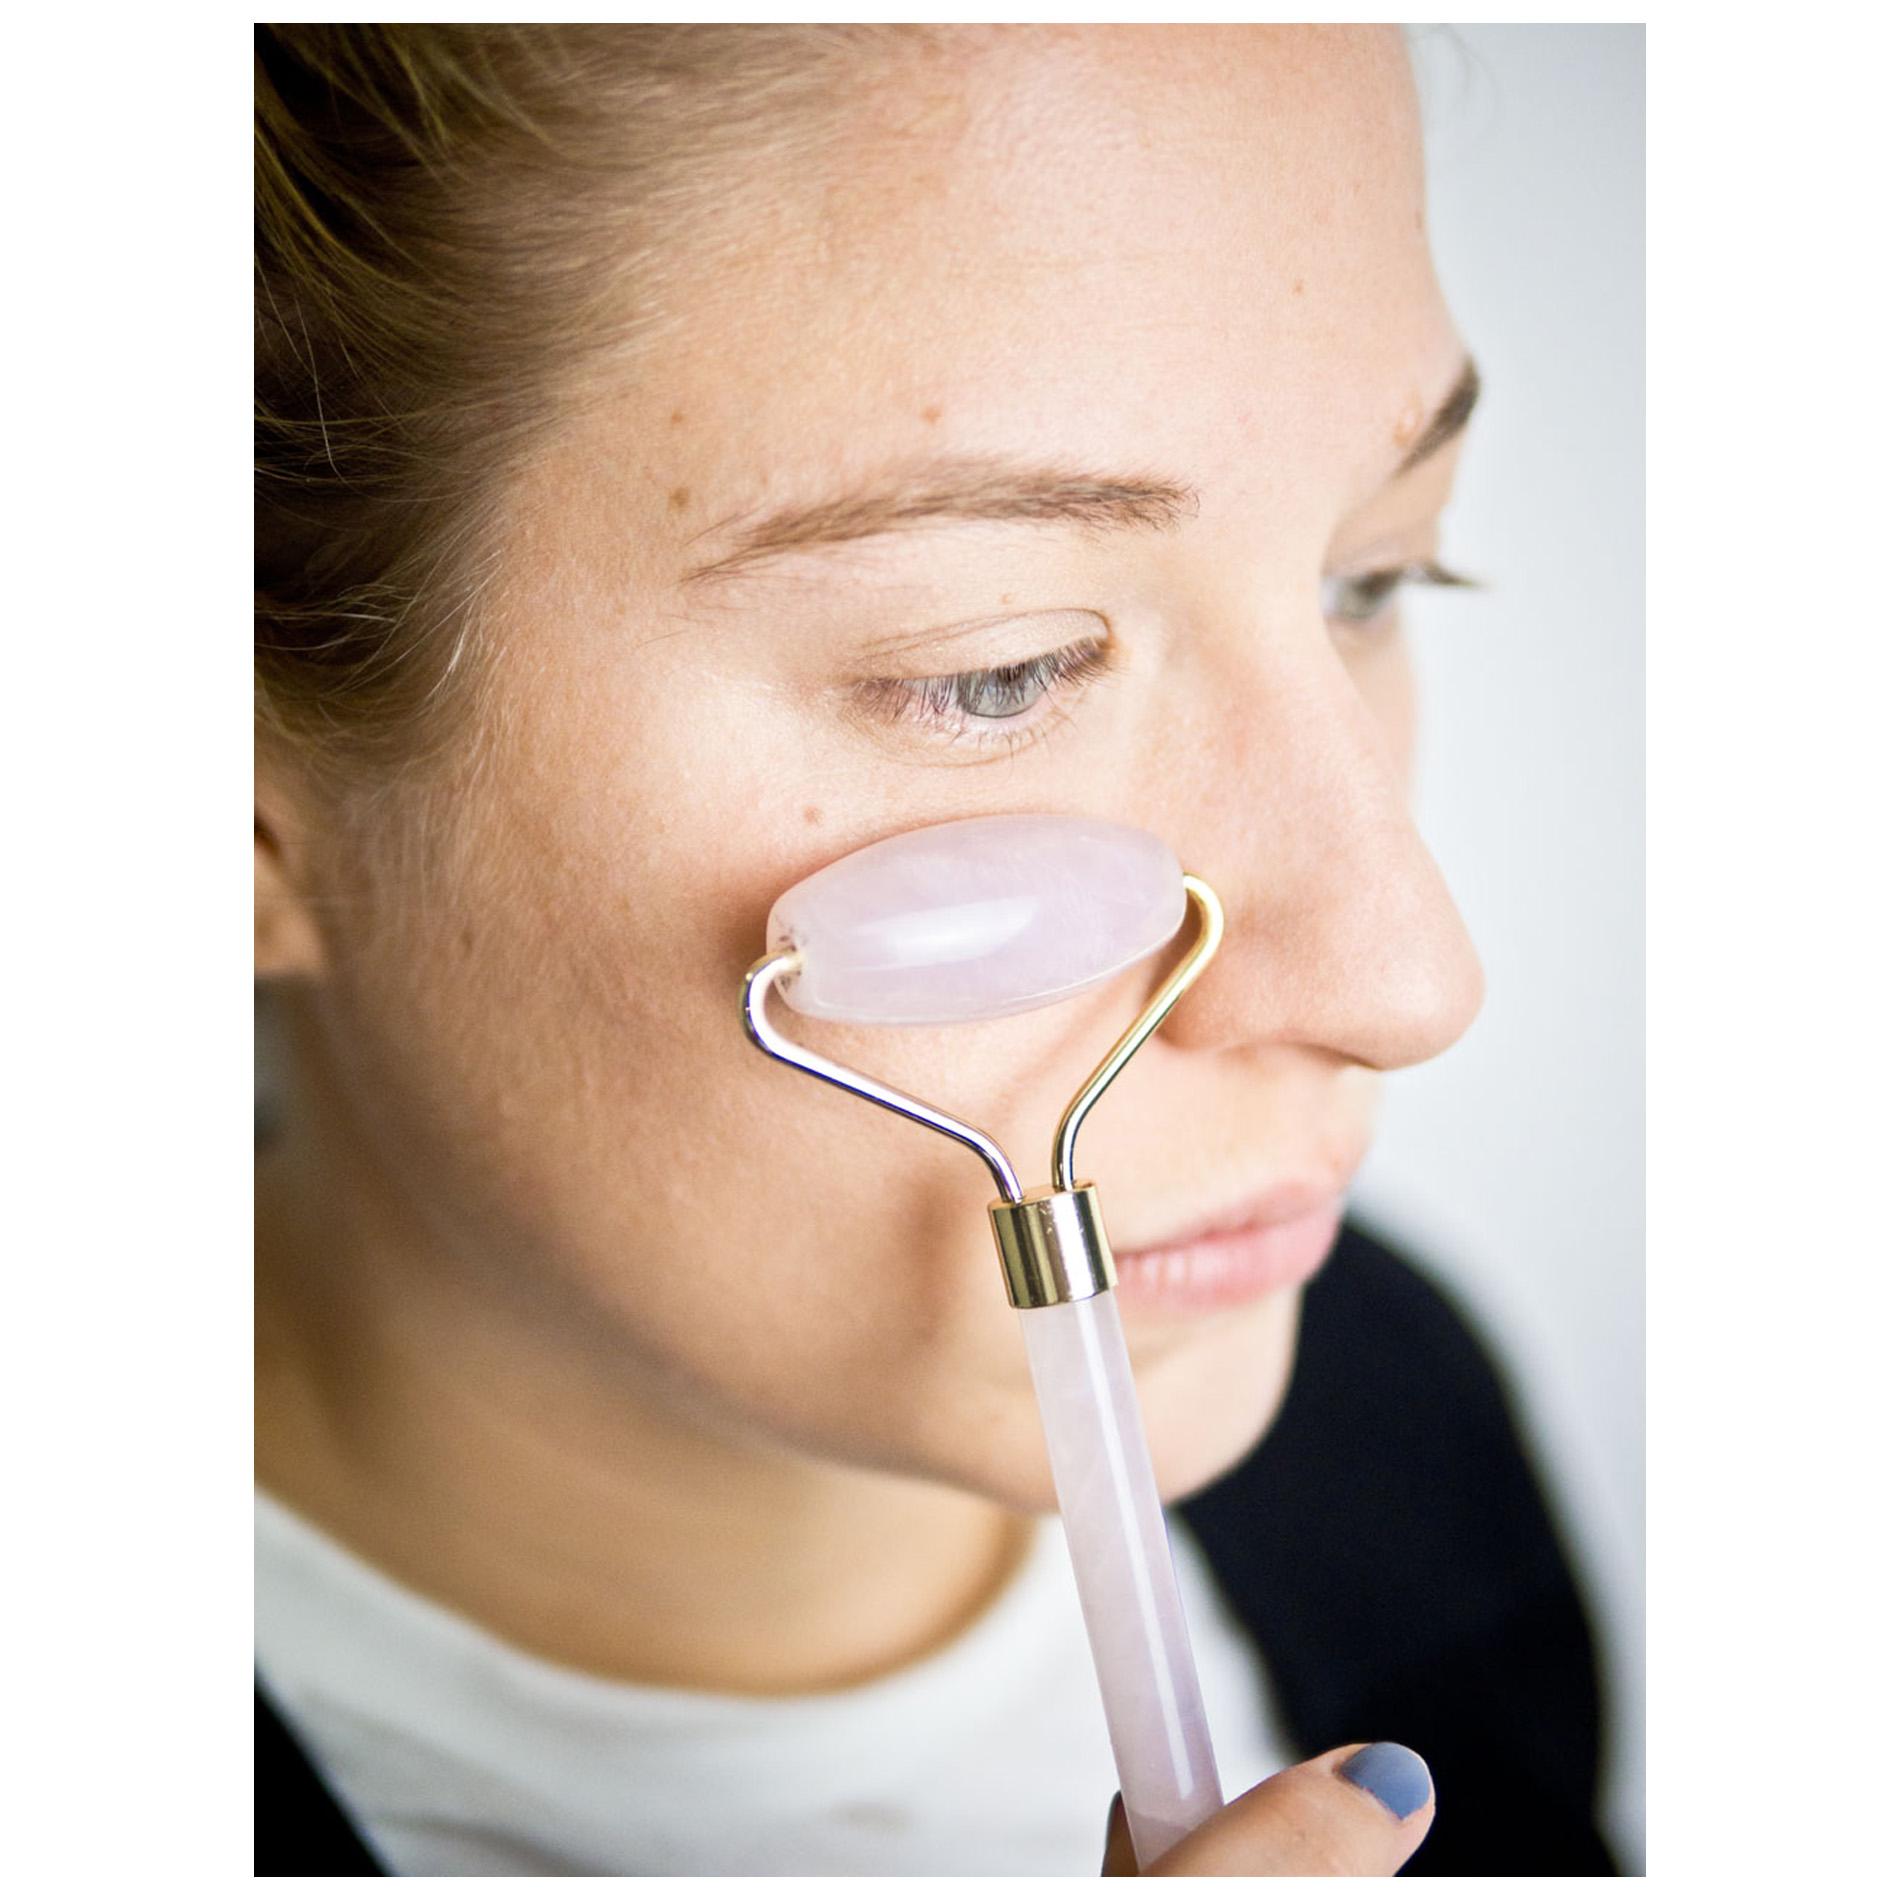 Was hilft bei Augenringen, Tipps gegen Augenringe, Augenringe abdecken, Augenringe loswerden, Beauty Tipps, Augenringe entfernen, Augenringe abdrecken, Hausmittel gegen Augenringe